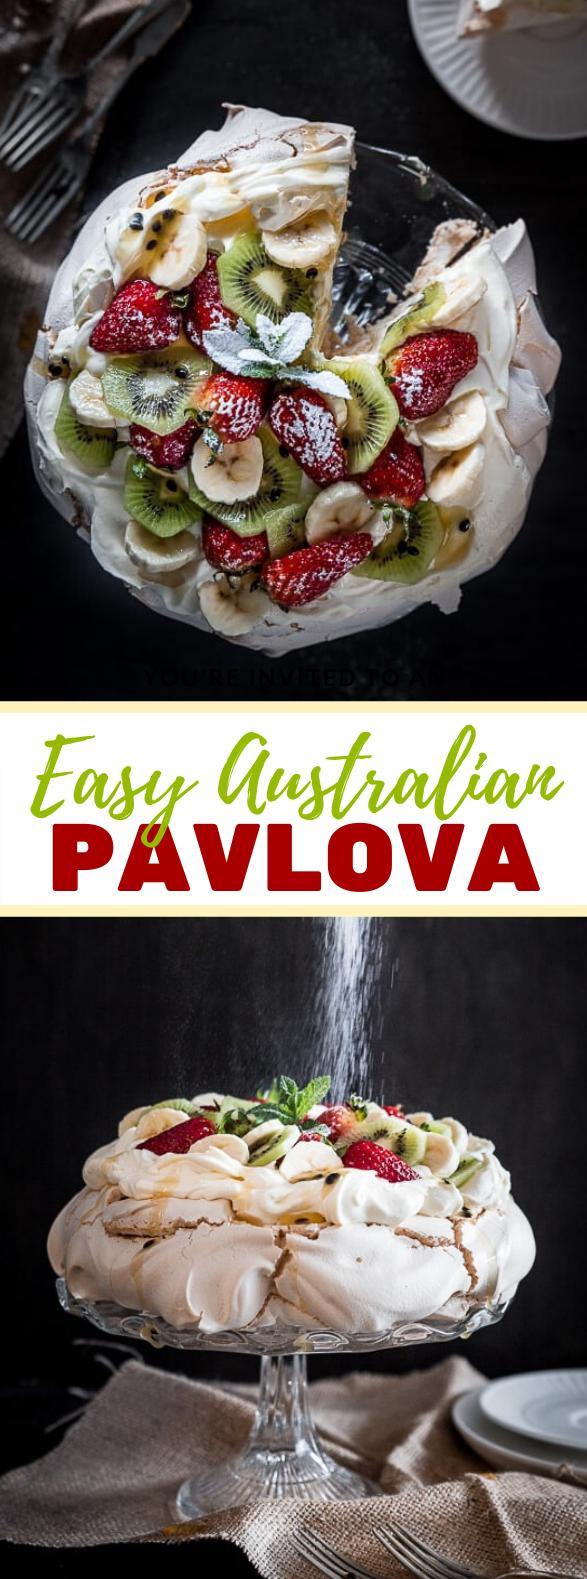 Easy Australian Pavlova Recipe #cake #fruit